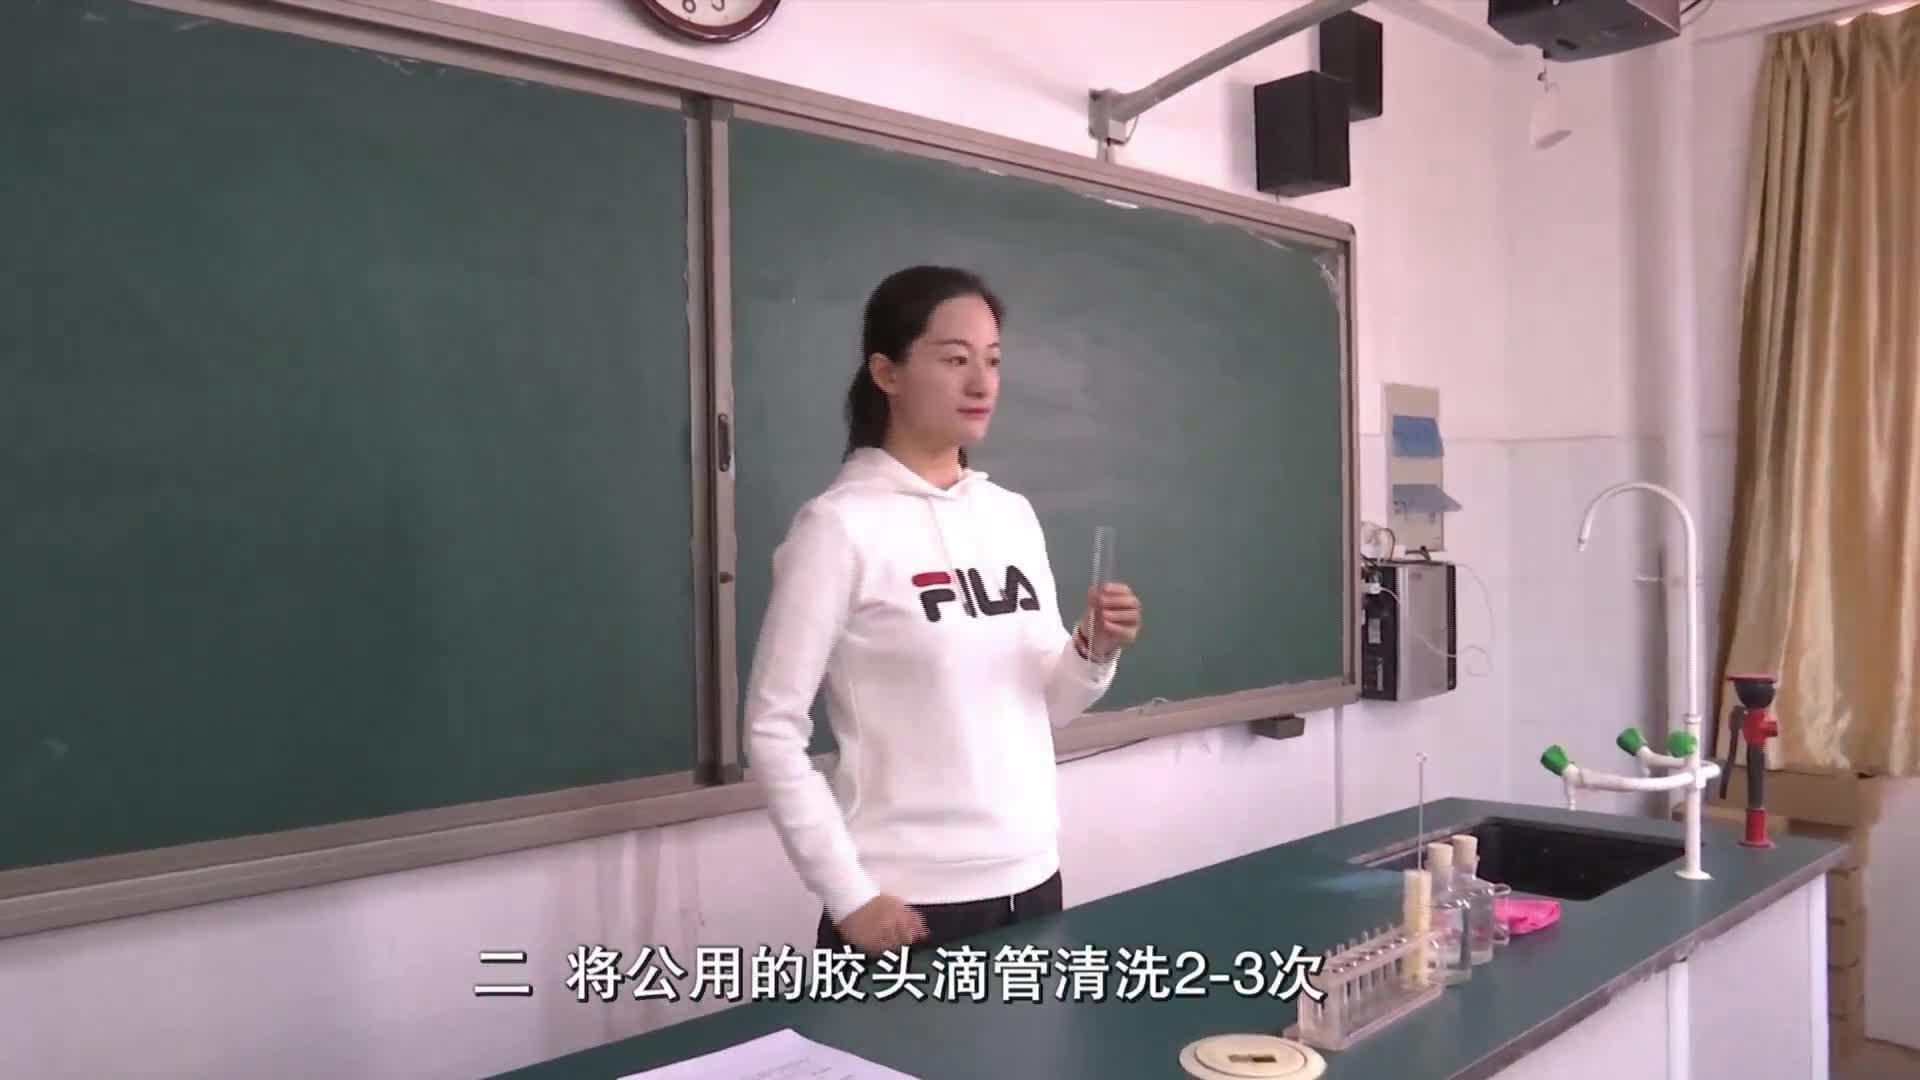 2019河南省郑州市中招理化生实验操作考试(化学)-氢氧化钙溶液与碳酸钠溶液的反应-实验演示